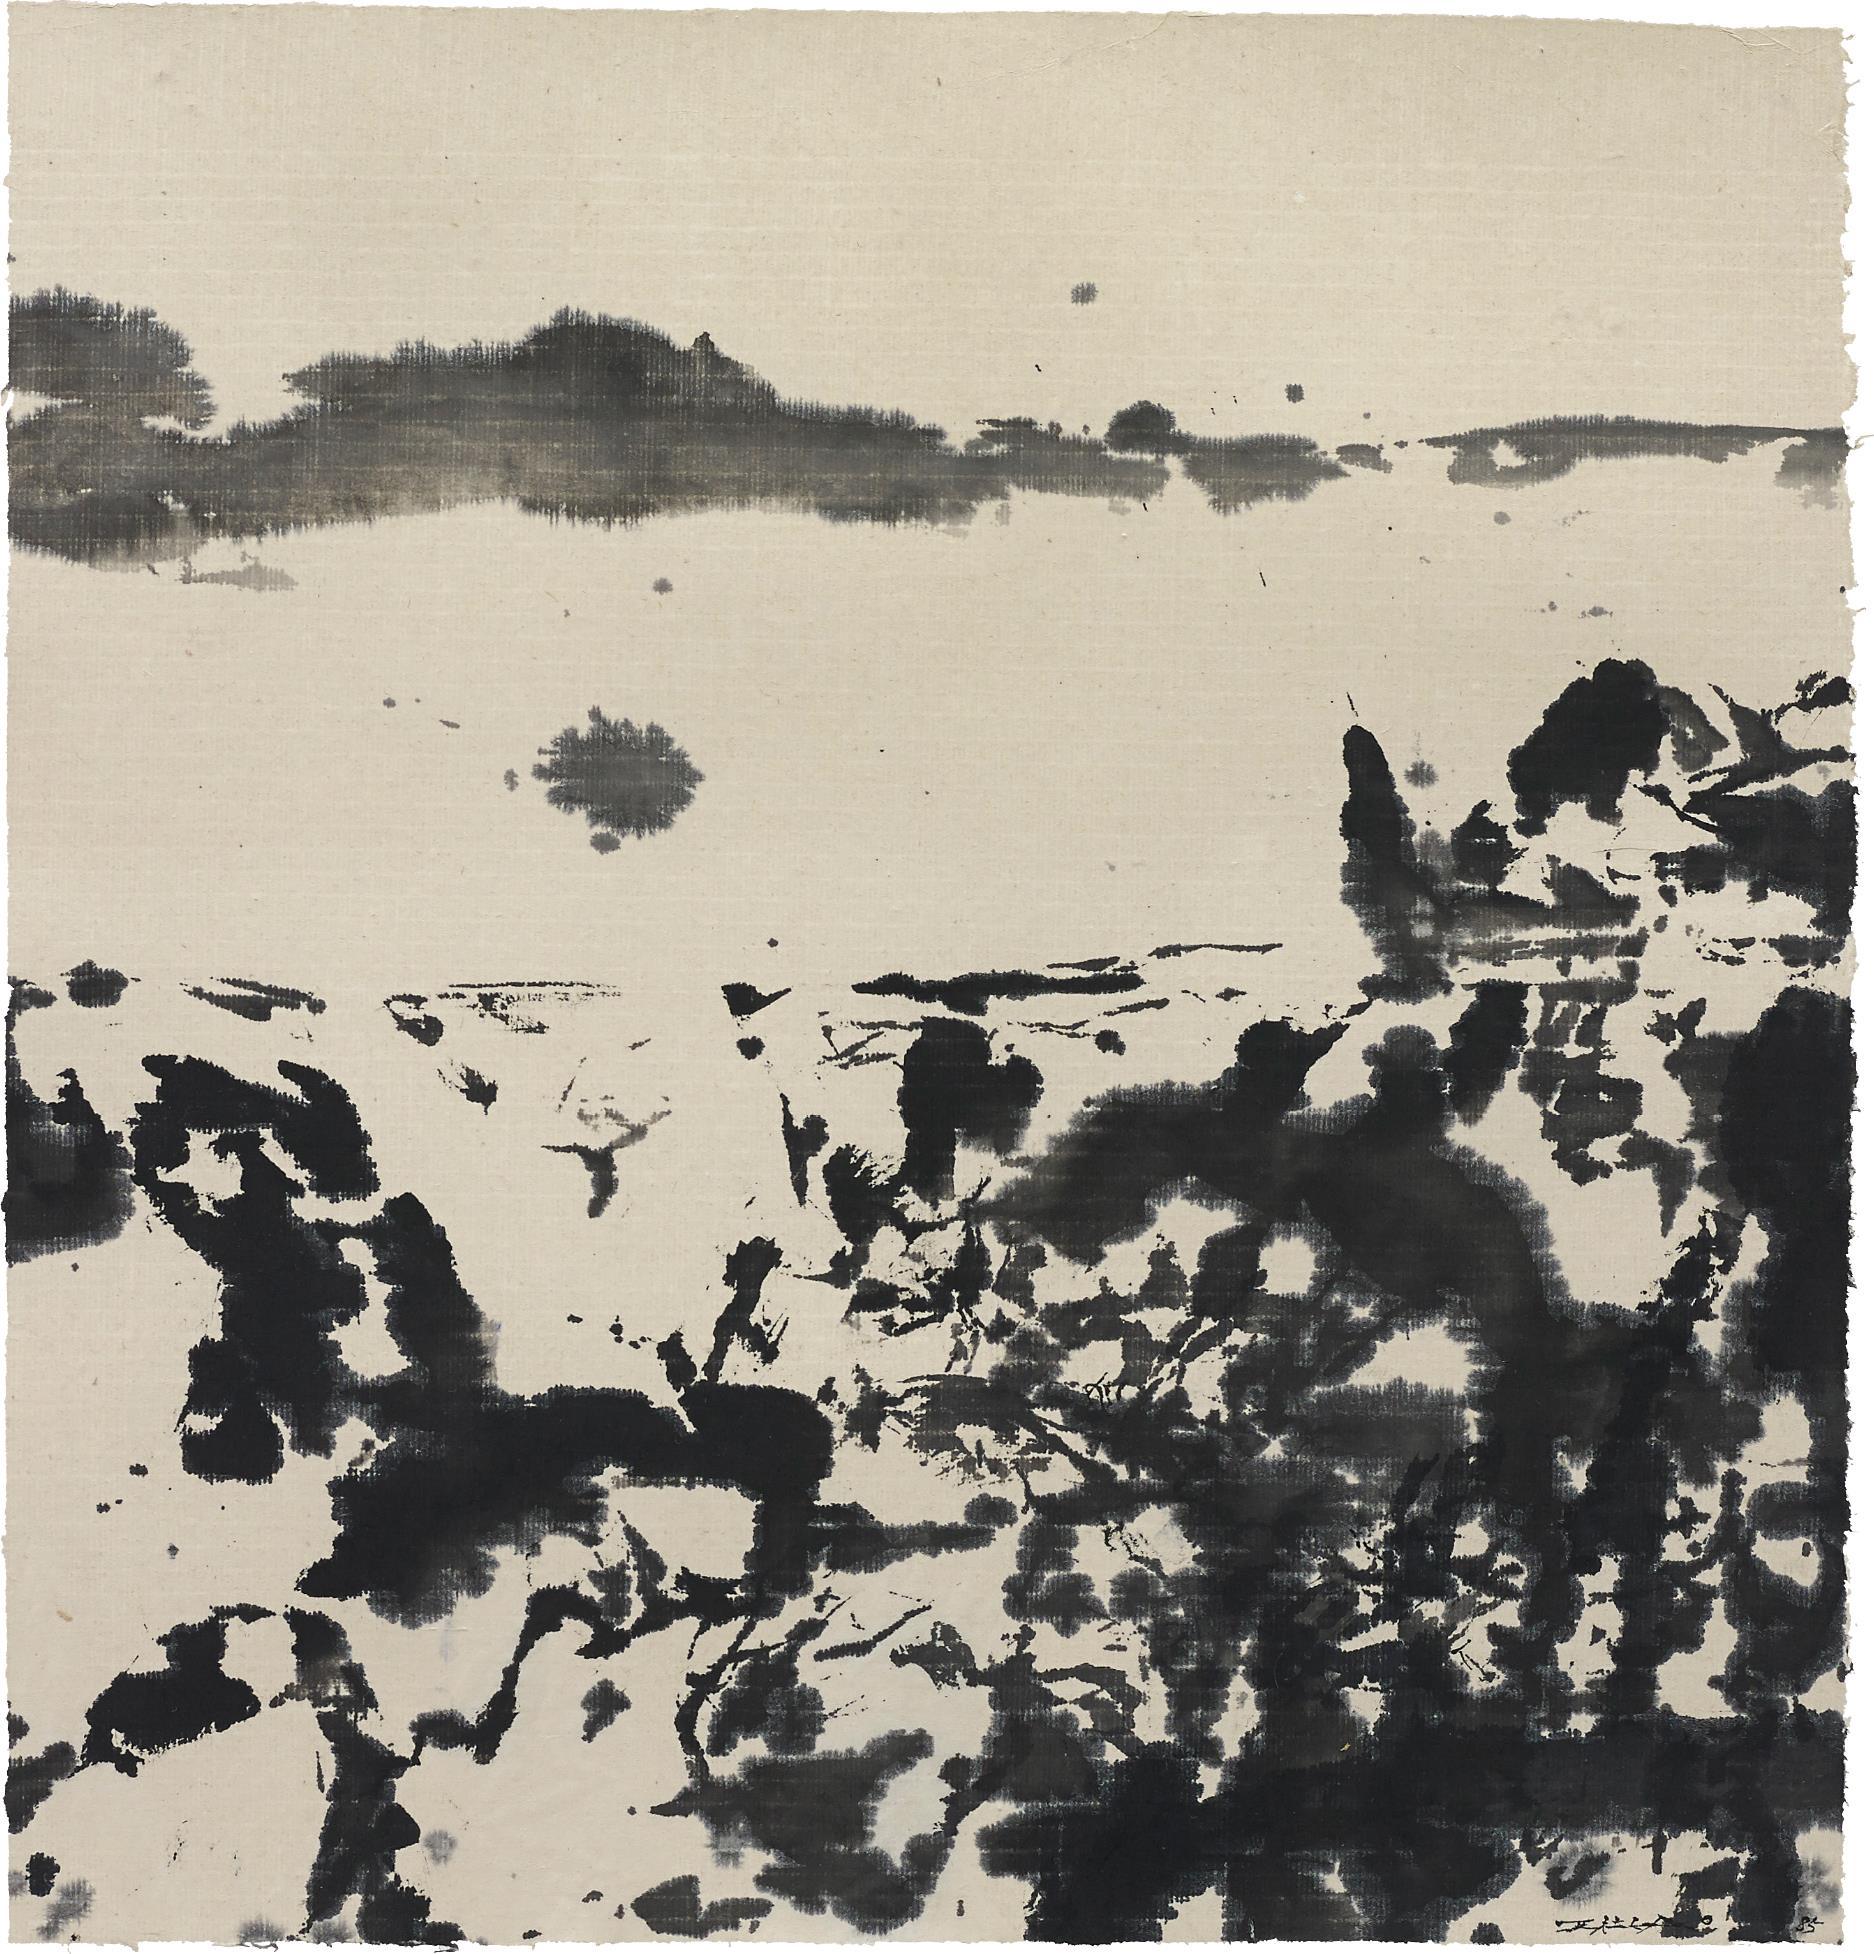 Zao Wou-Ki-Untitled-1985